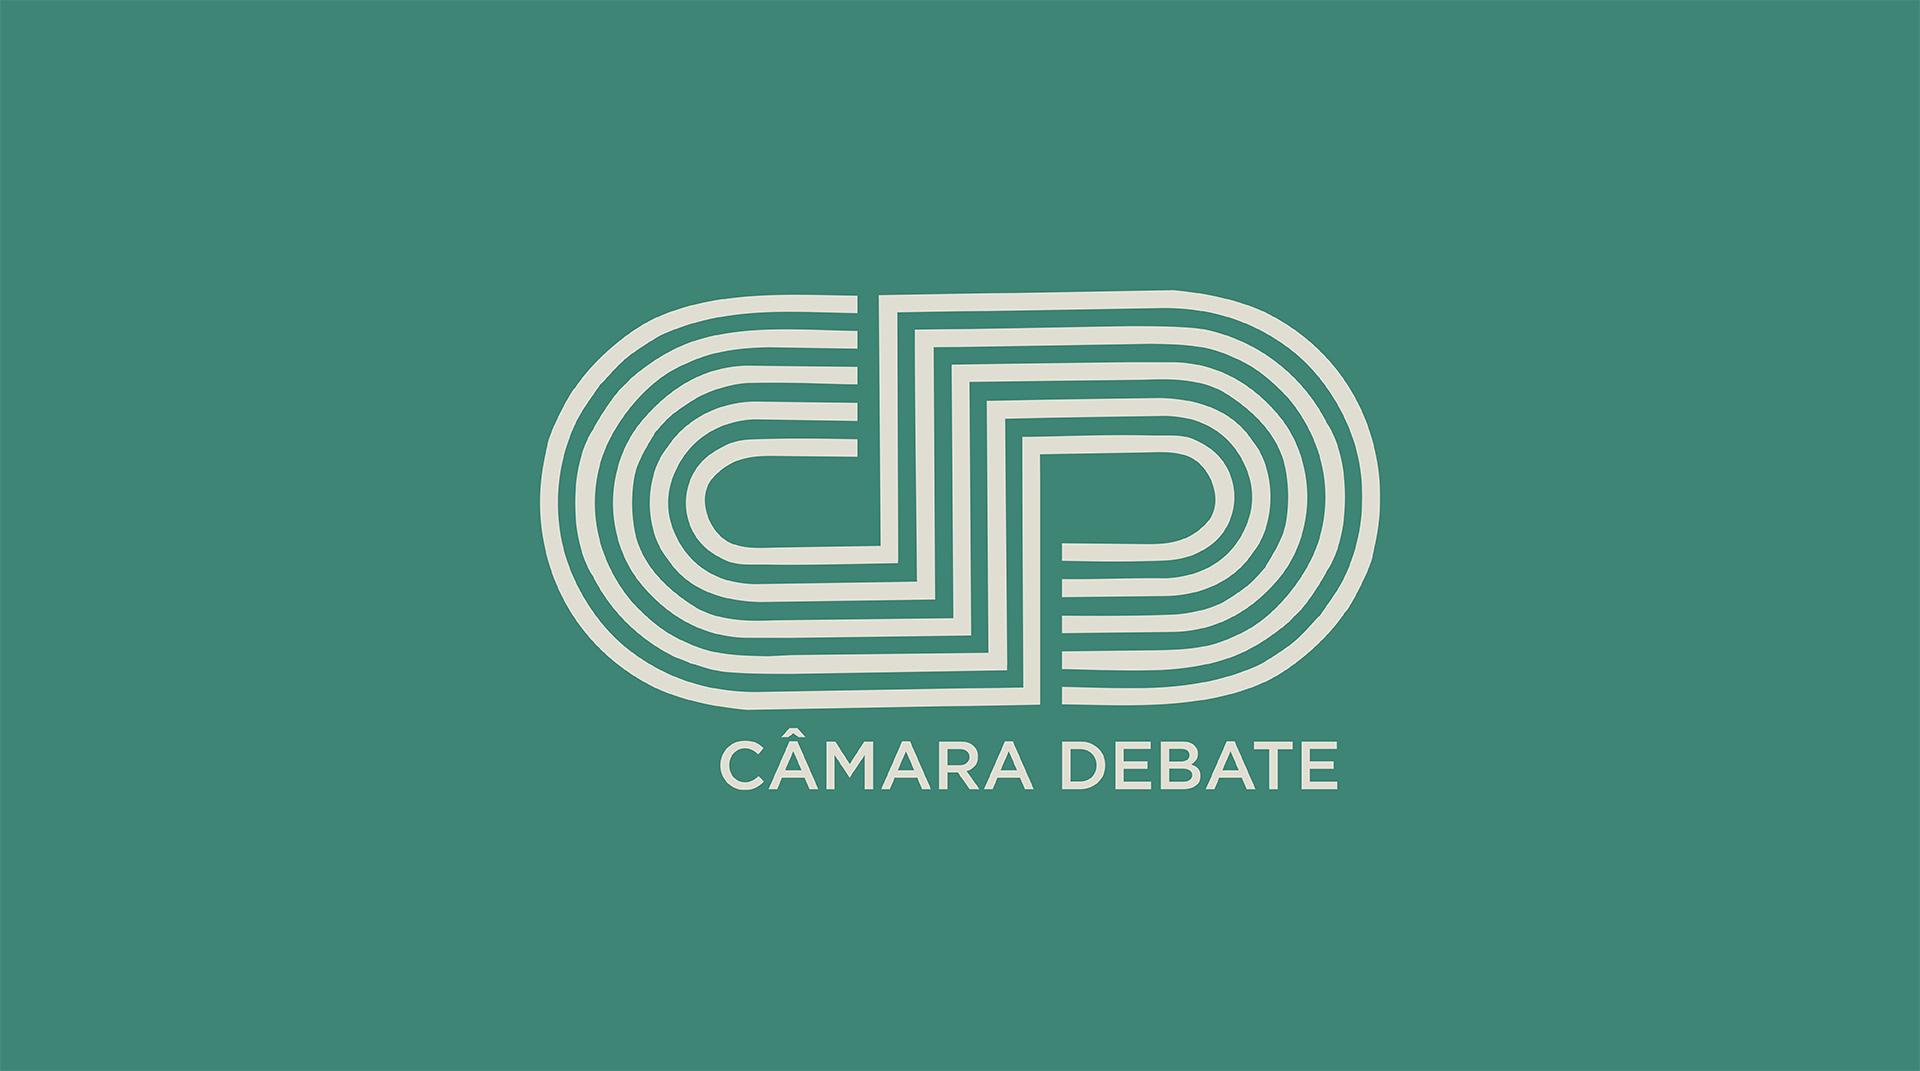 Câmara Debate